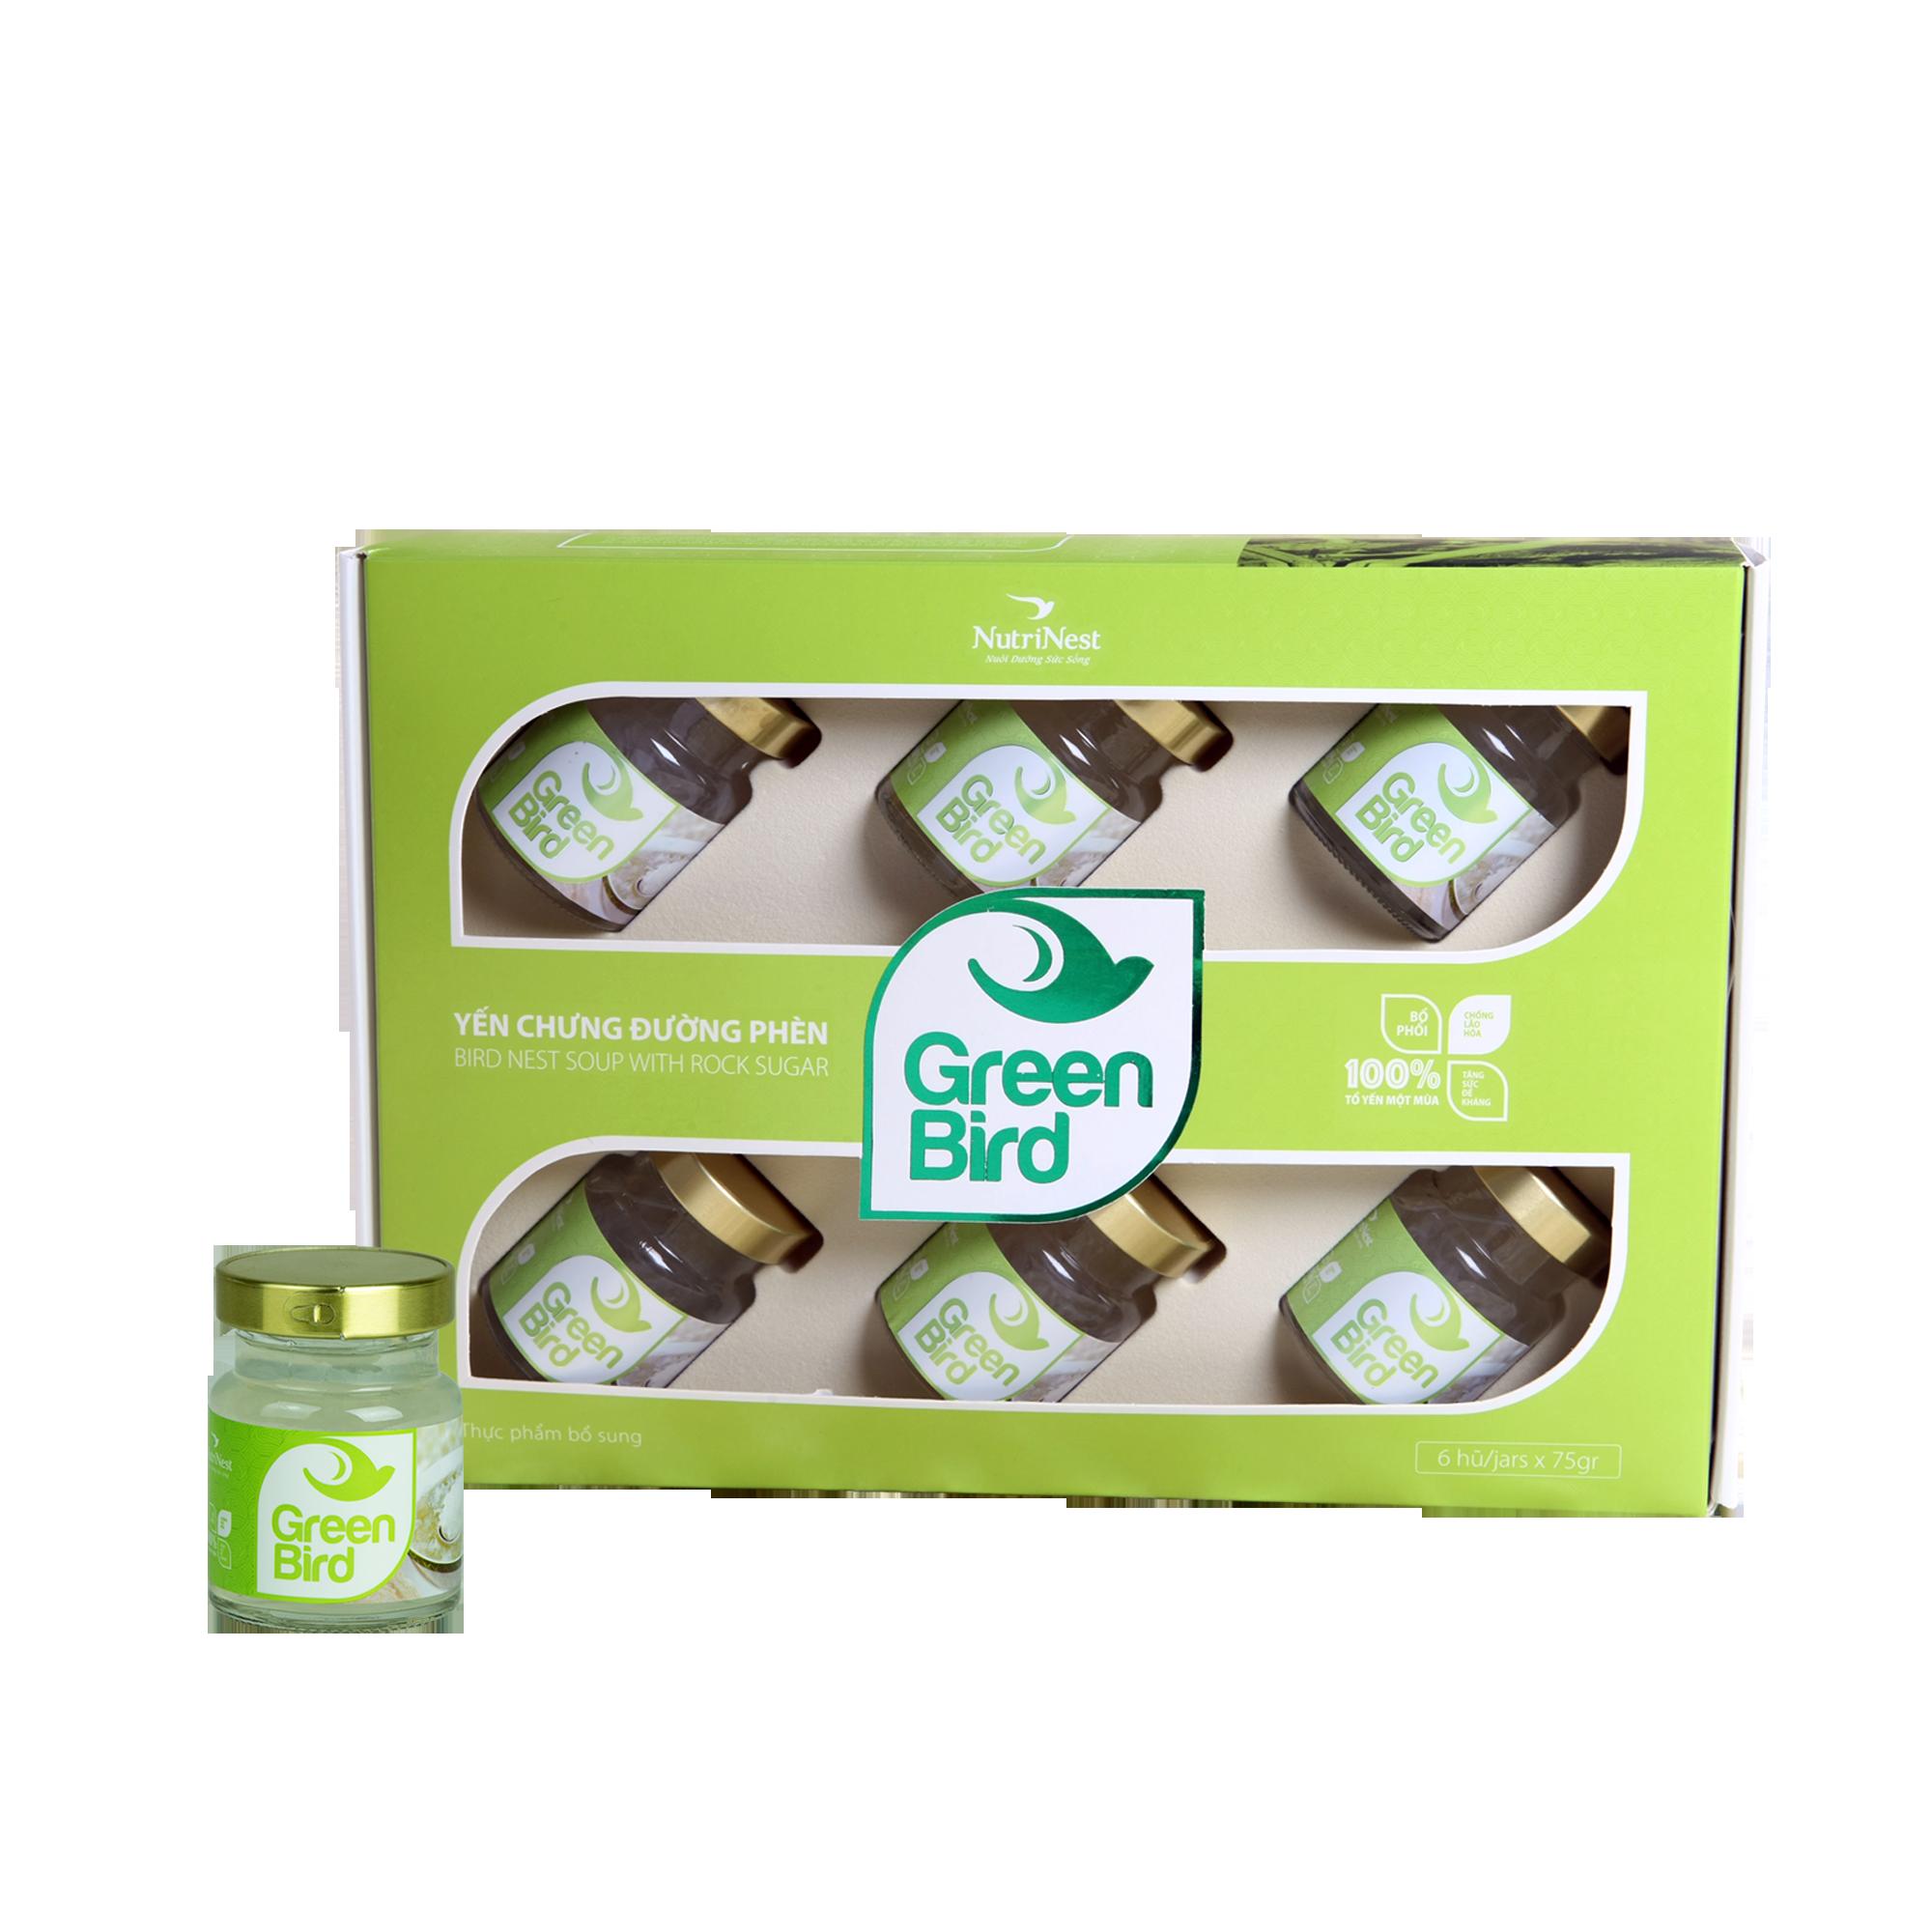 礼品-绿鸟-燕窝炖冰糖水 (6罐 x 72克/罐)